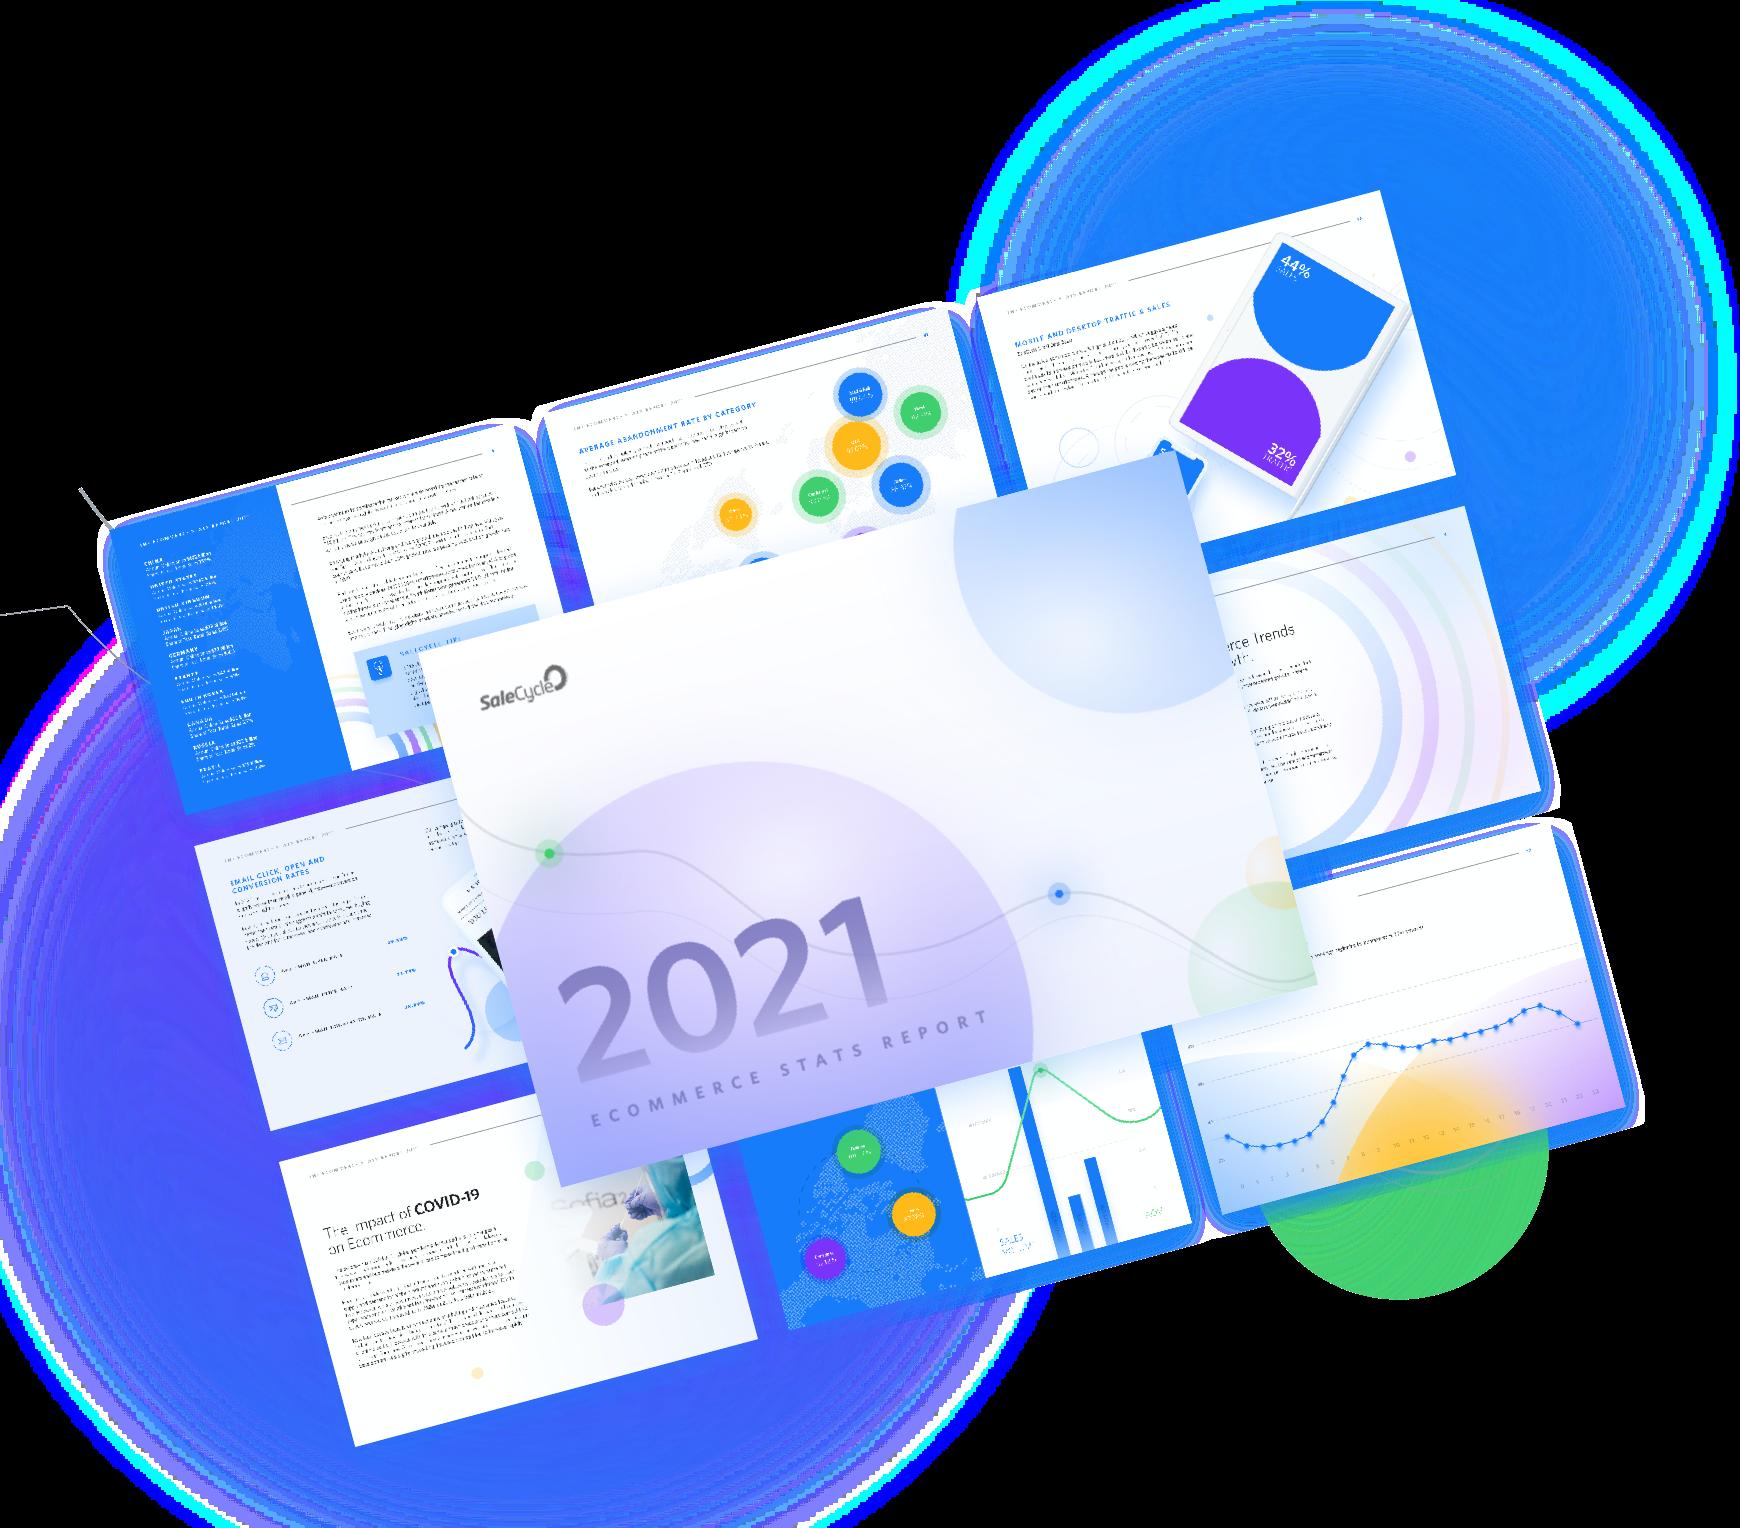 Modelo del Informe de estadísticas y tendencias del comercio electrónico 2021